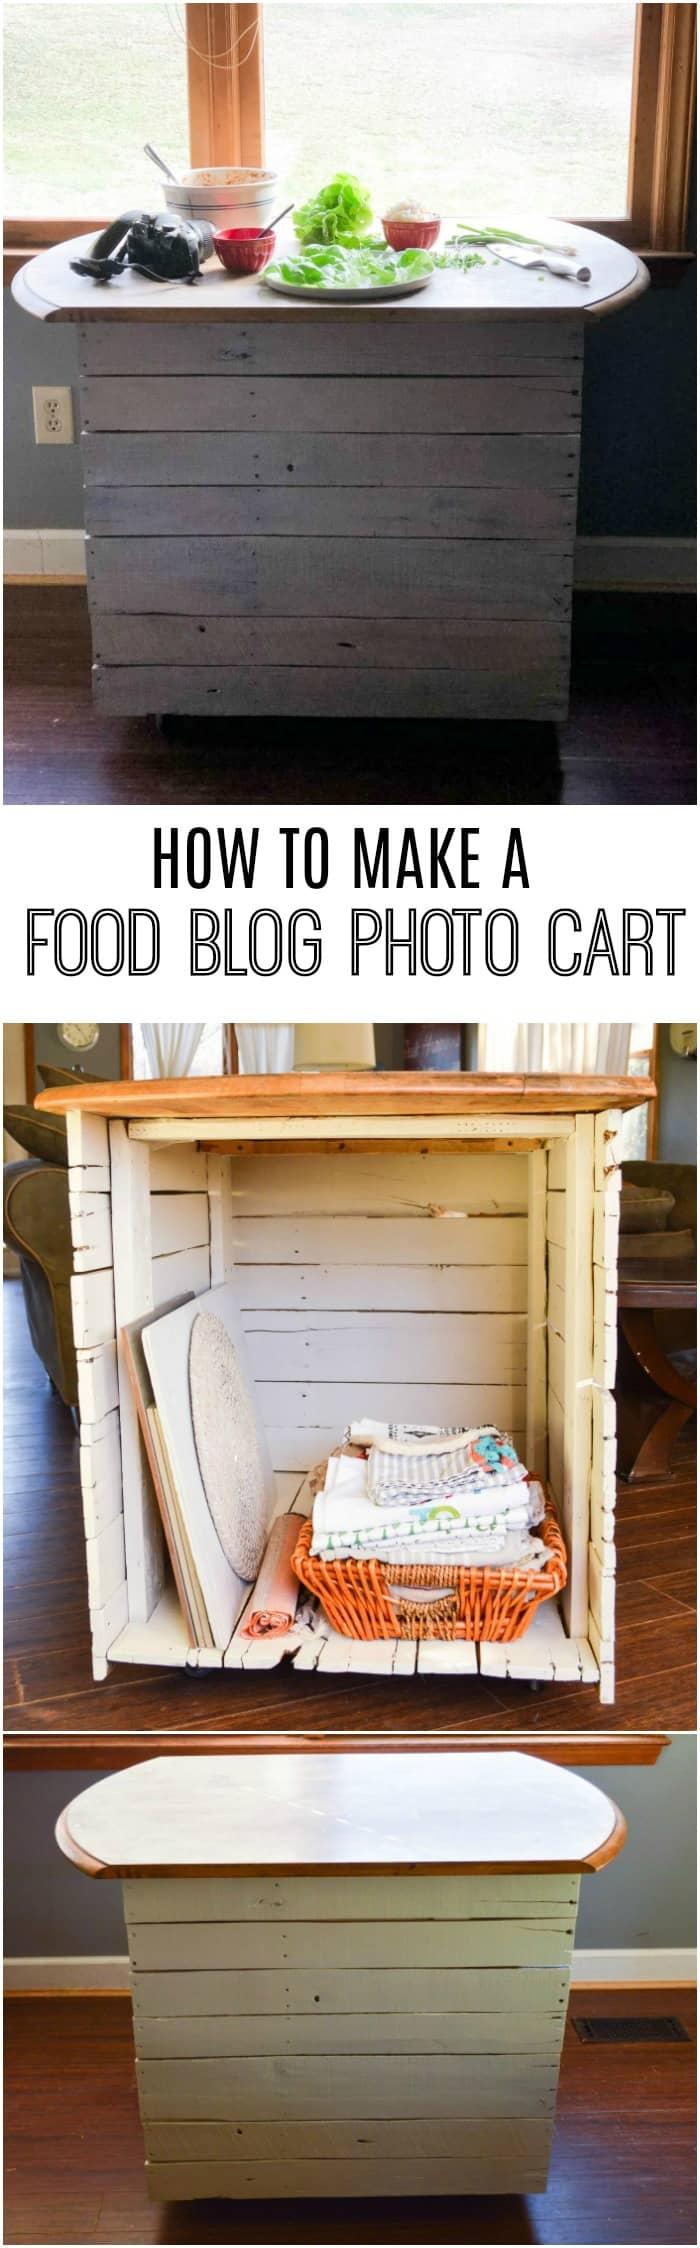 Food Blog Photo Cart